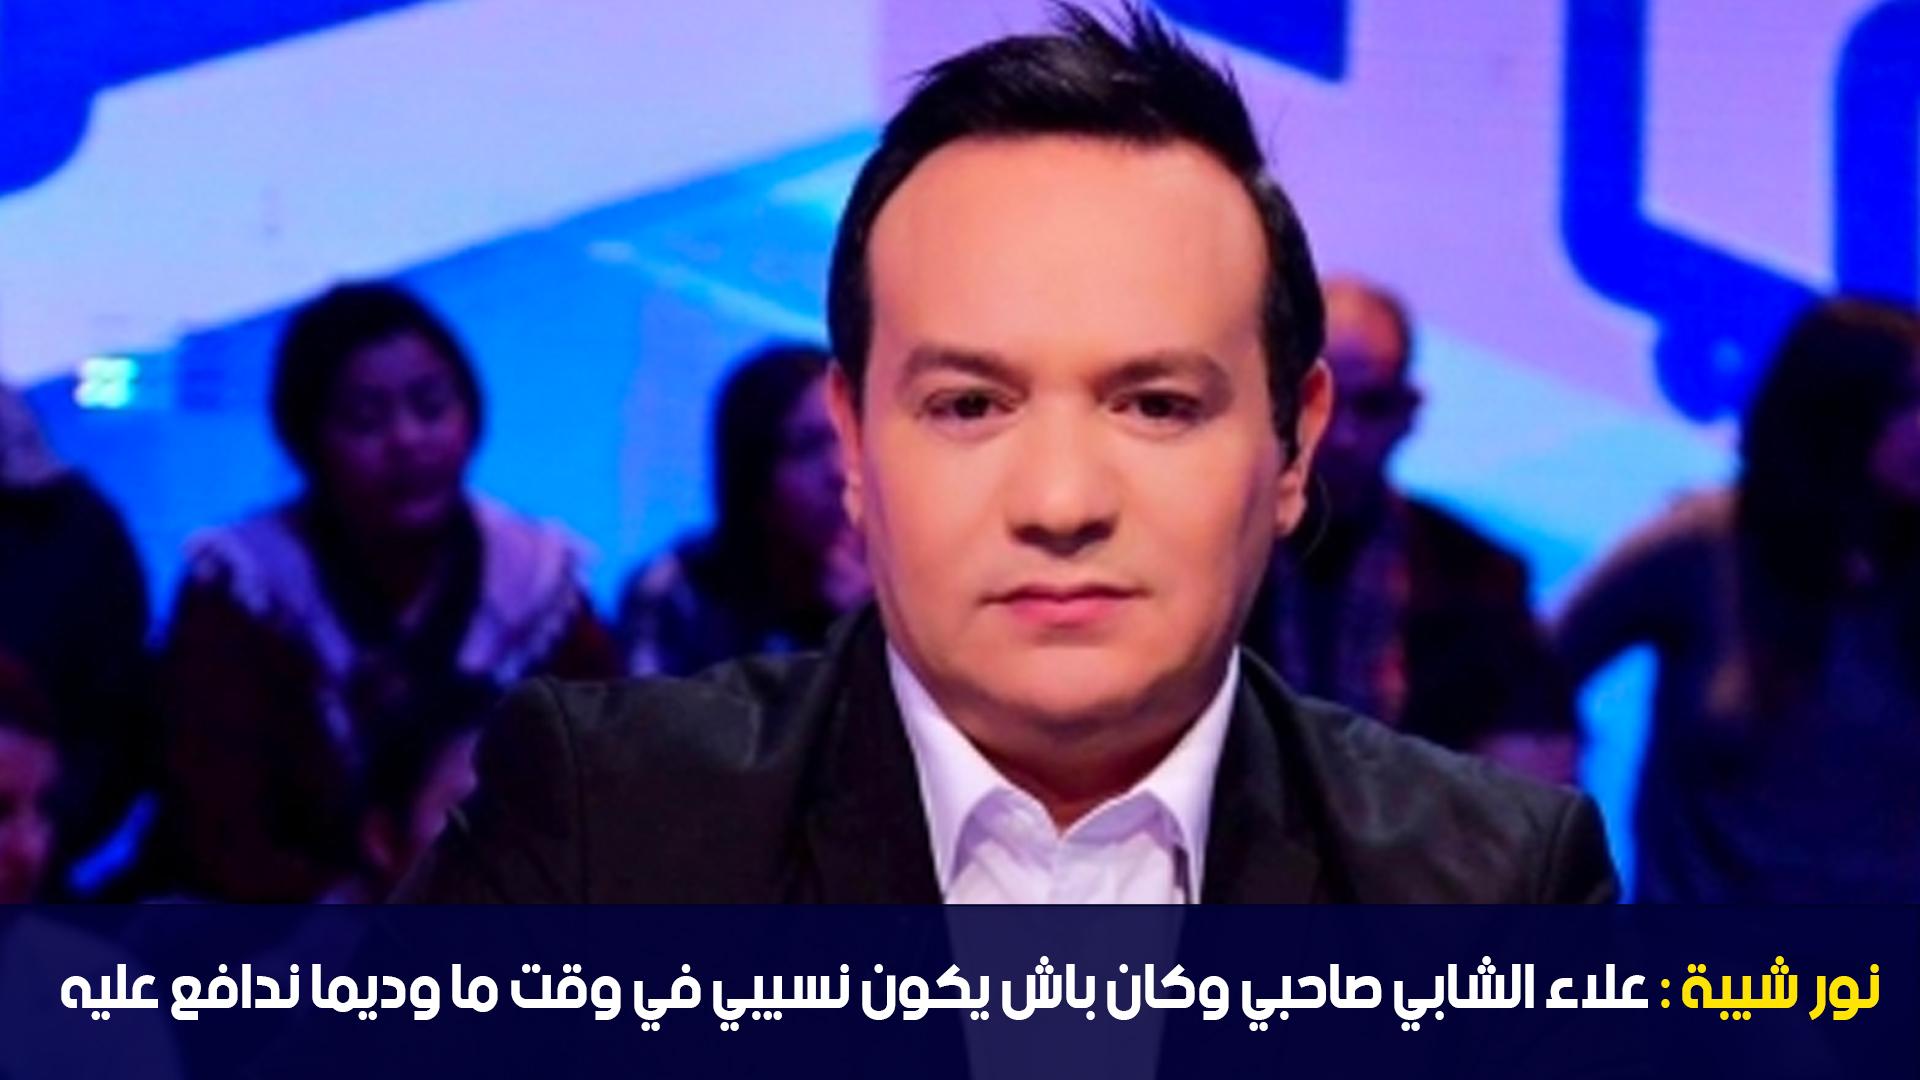 نور شيبة: علاء الشابي صاحبي وكان باش يكون نسيبي في وقت ما وديما ندافع عليه